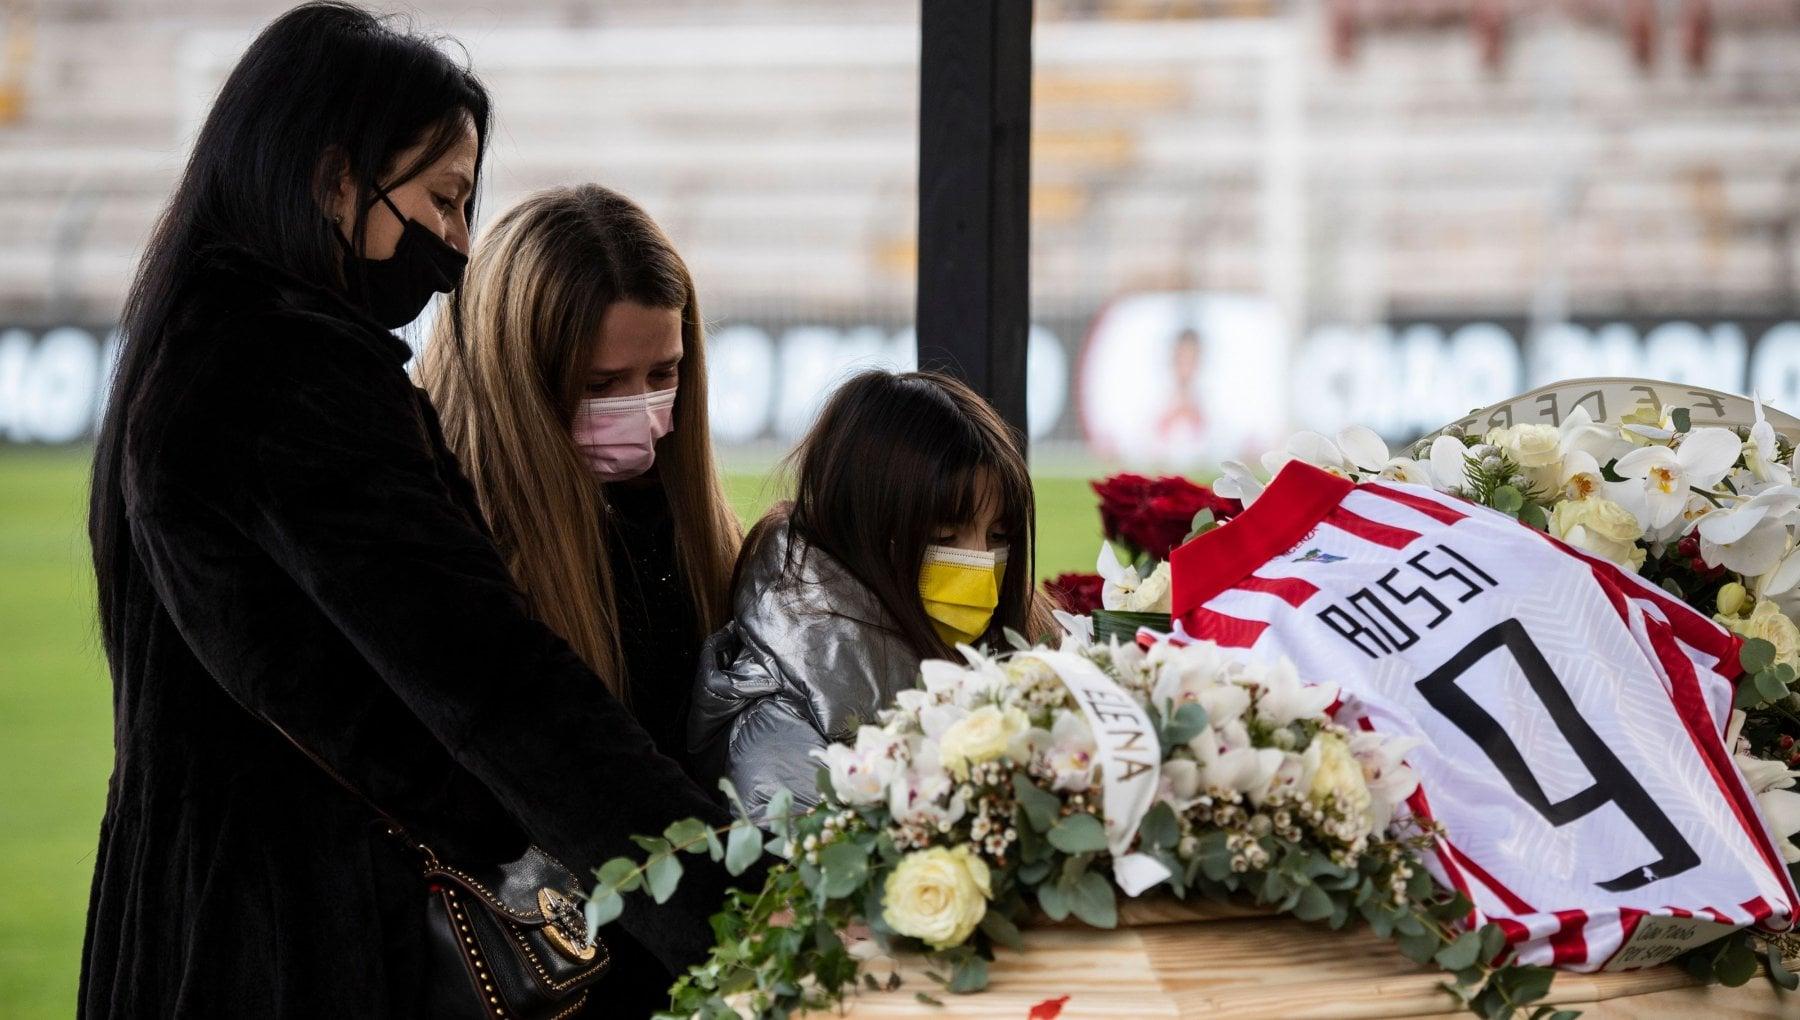 La moglie di Rossi Paolo voleva venire a Napoli quando e morto Maradona ha pianto